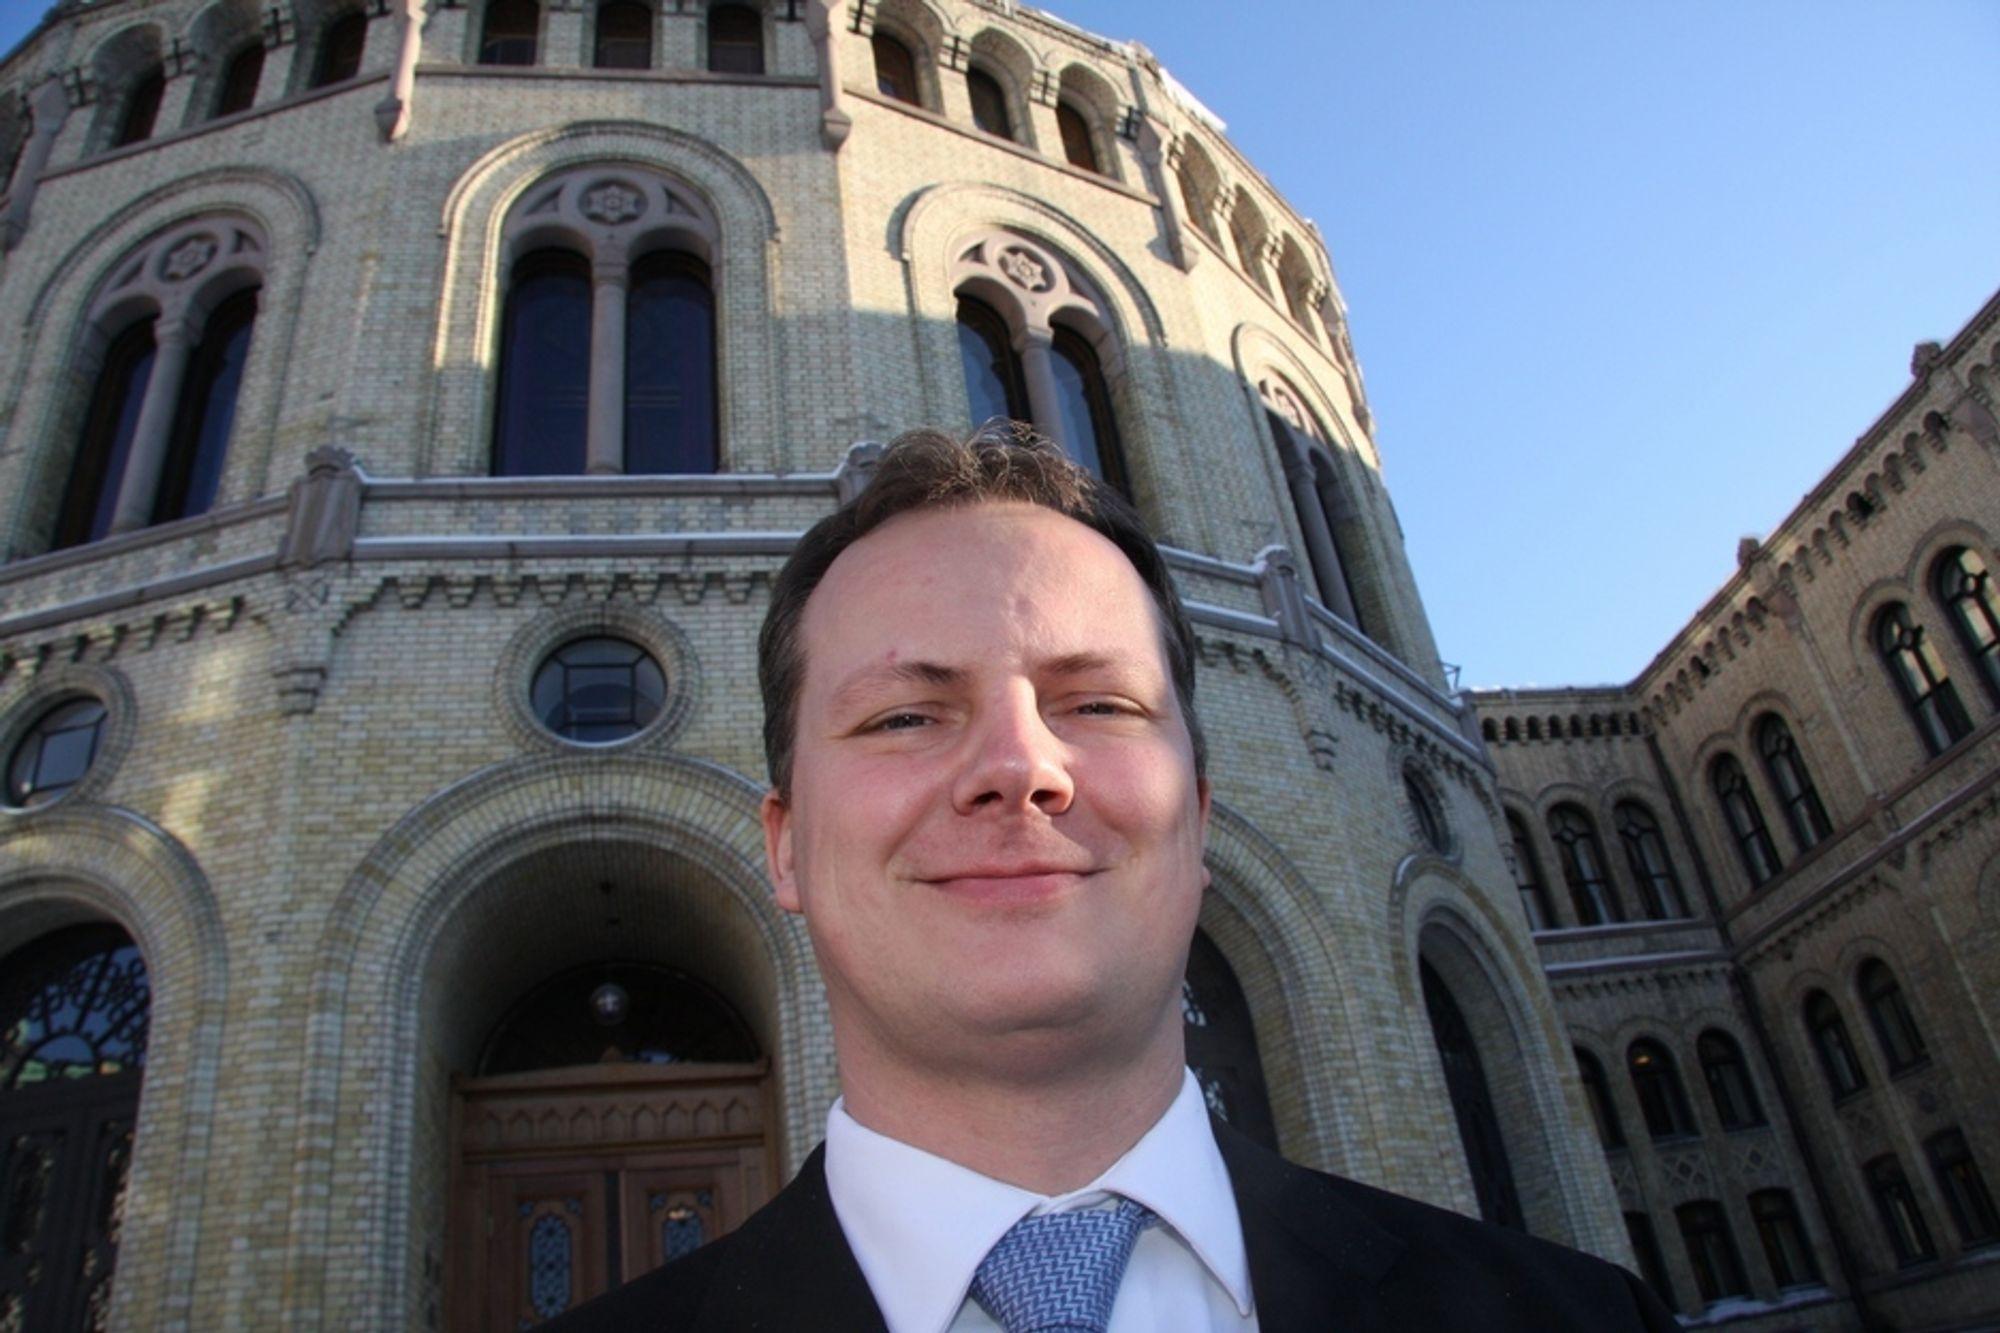 FORNØYD: Solvik-Olsen har tro på Borten Moe, og kaller statsrådsskiftet oppløftende.